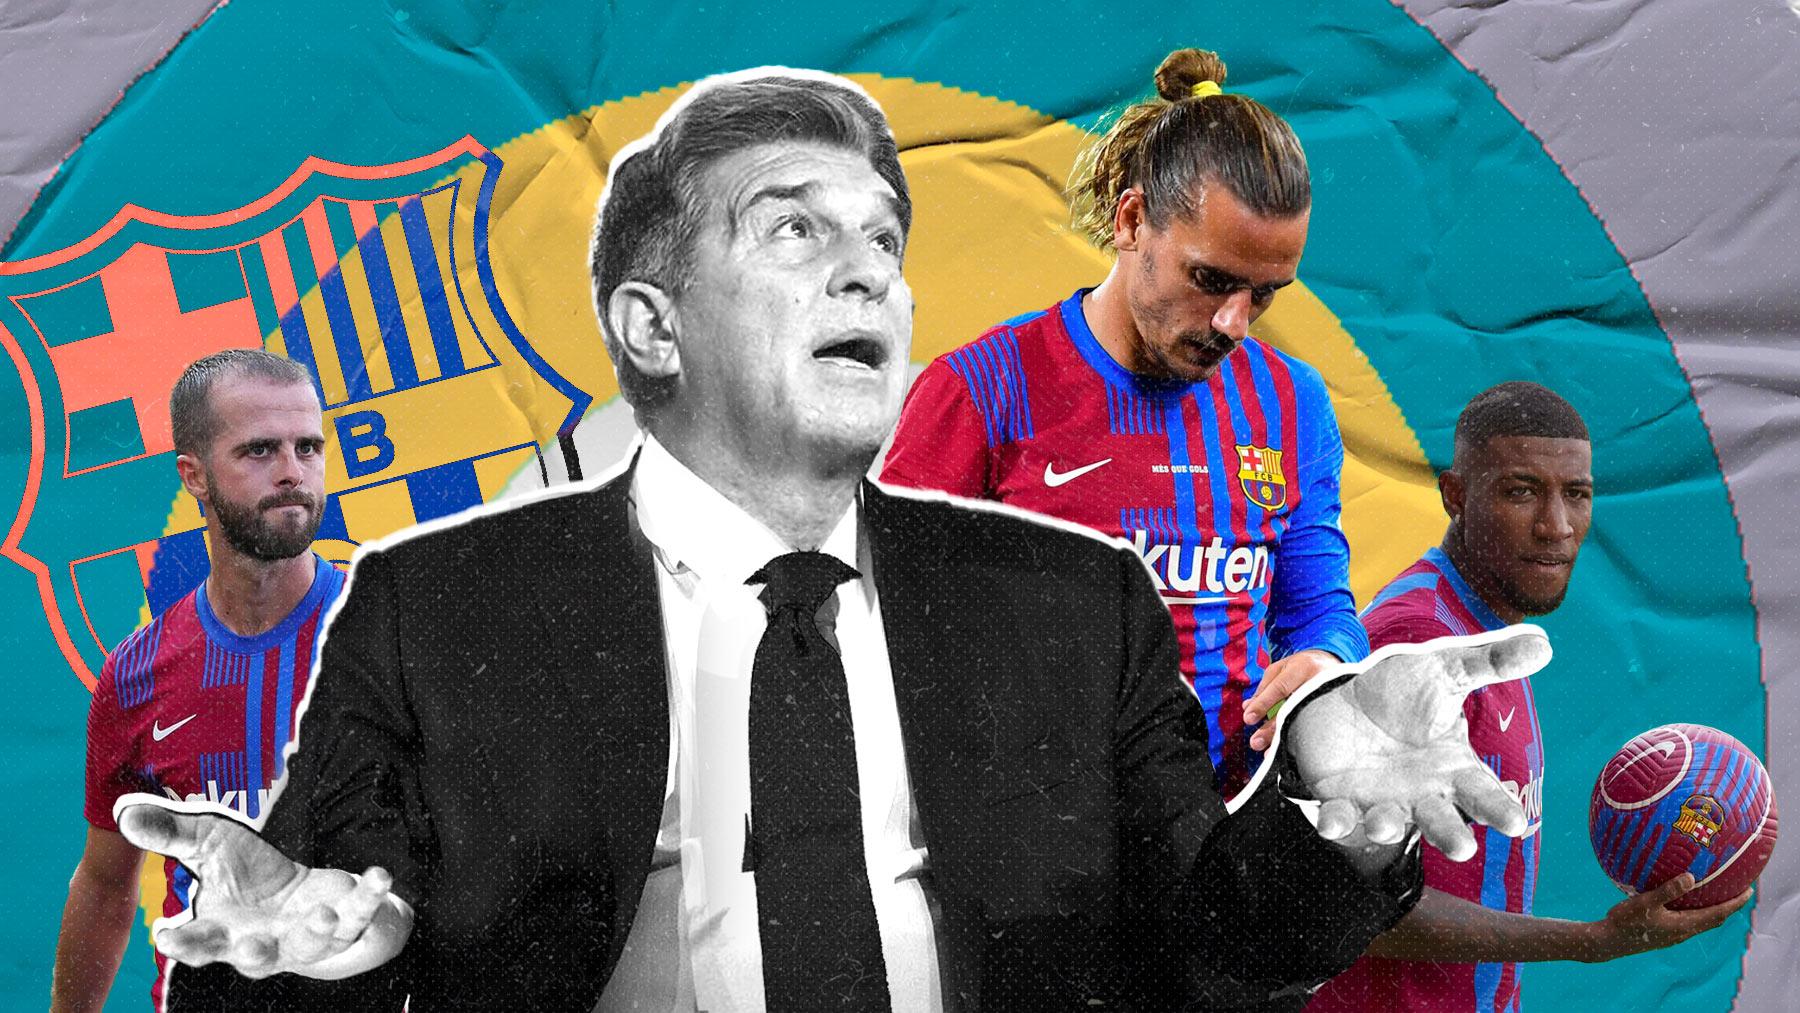 Los milagros de Laporta para rescatar al Barça de la quiebra.